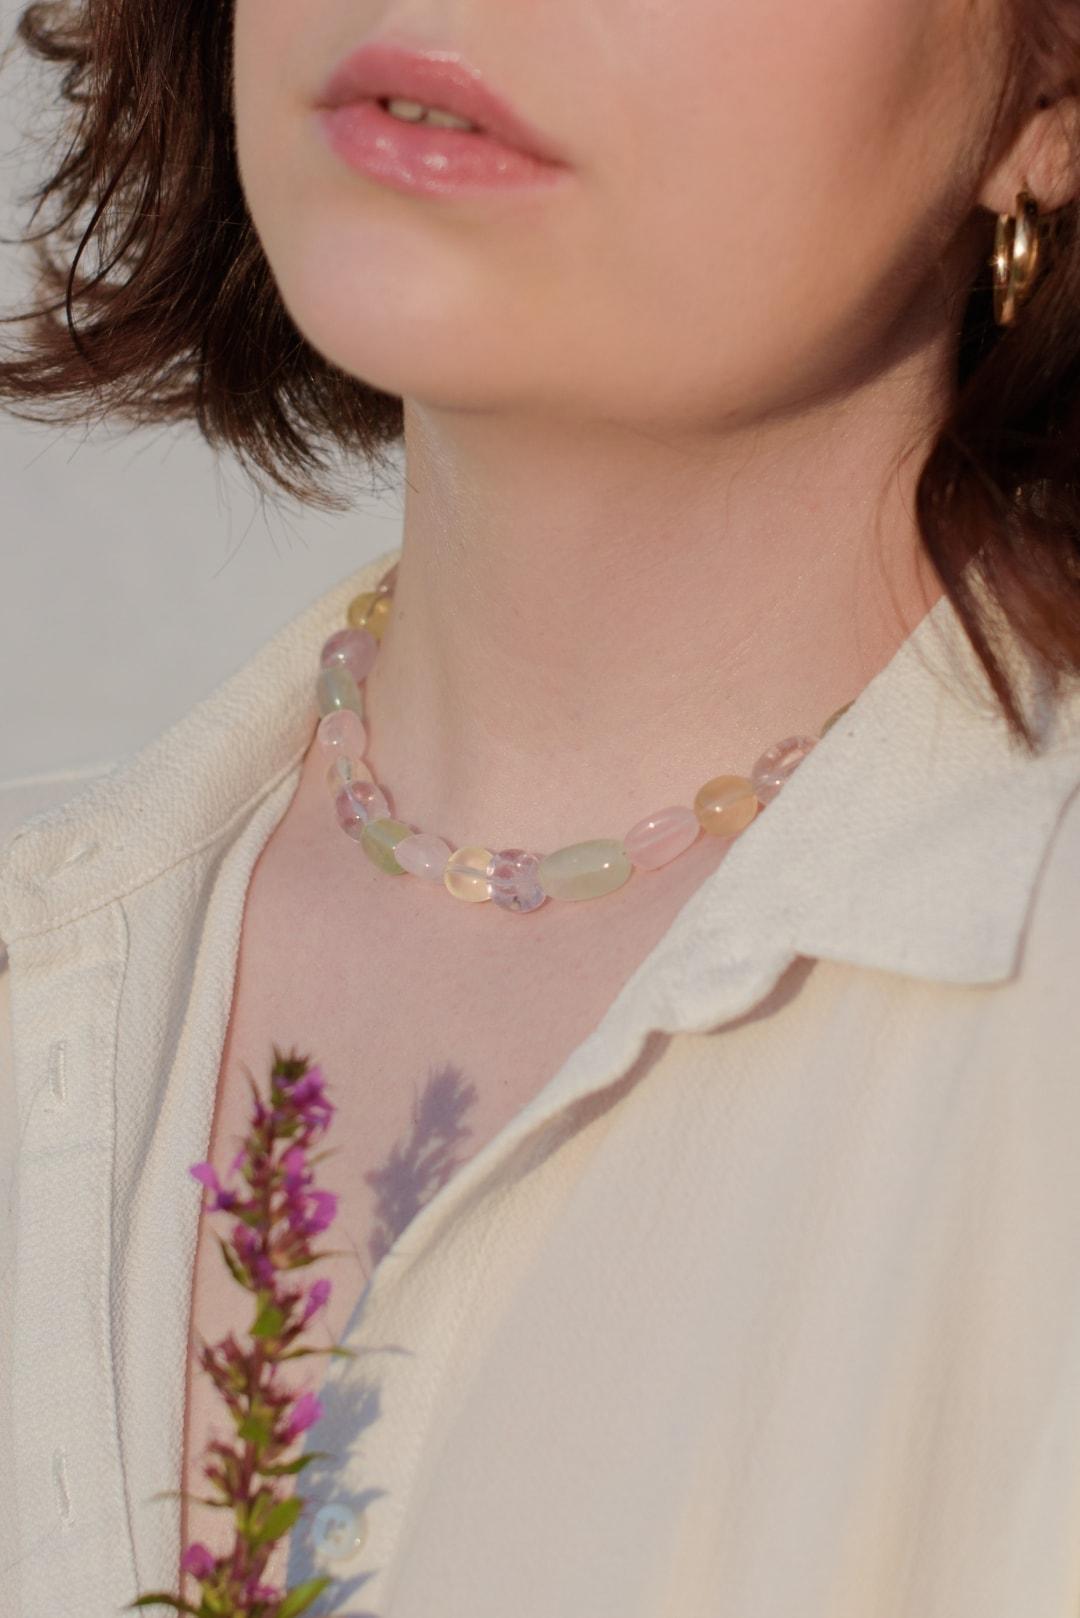 Modelka prezentuje na sobie naszyjnik z kolorowych kamieni z kwarcem różowym, górskim i cytrynami.